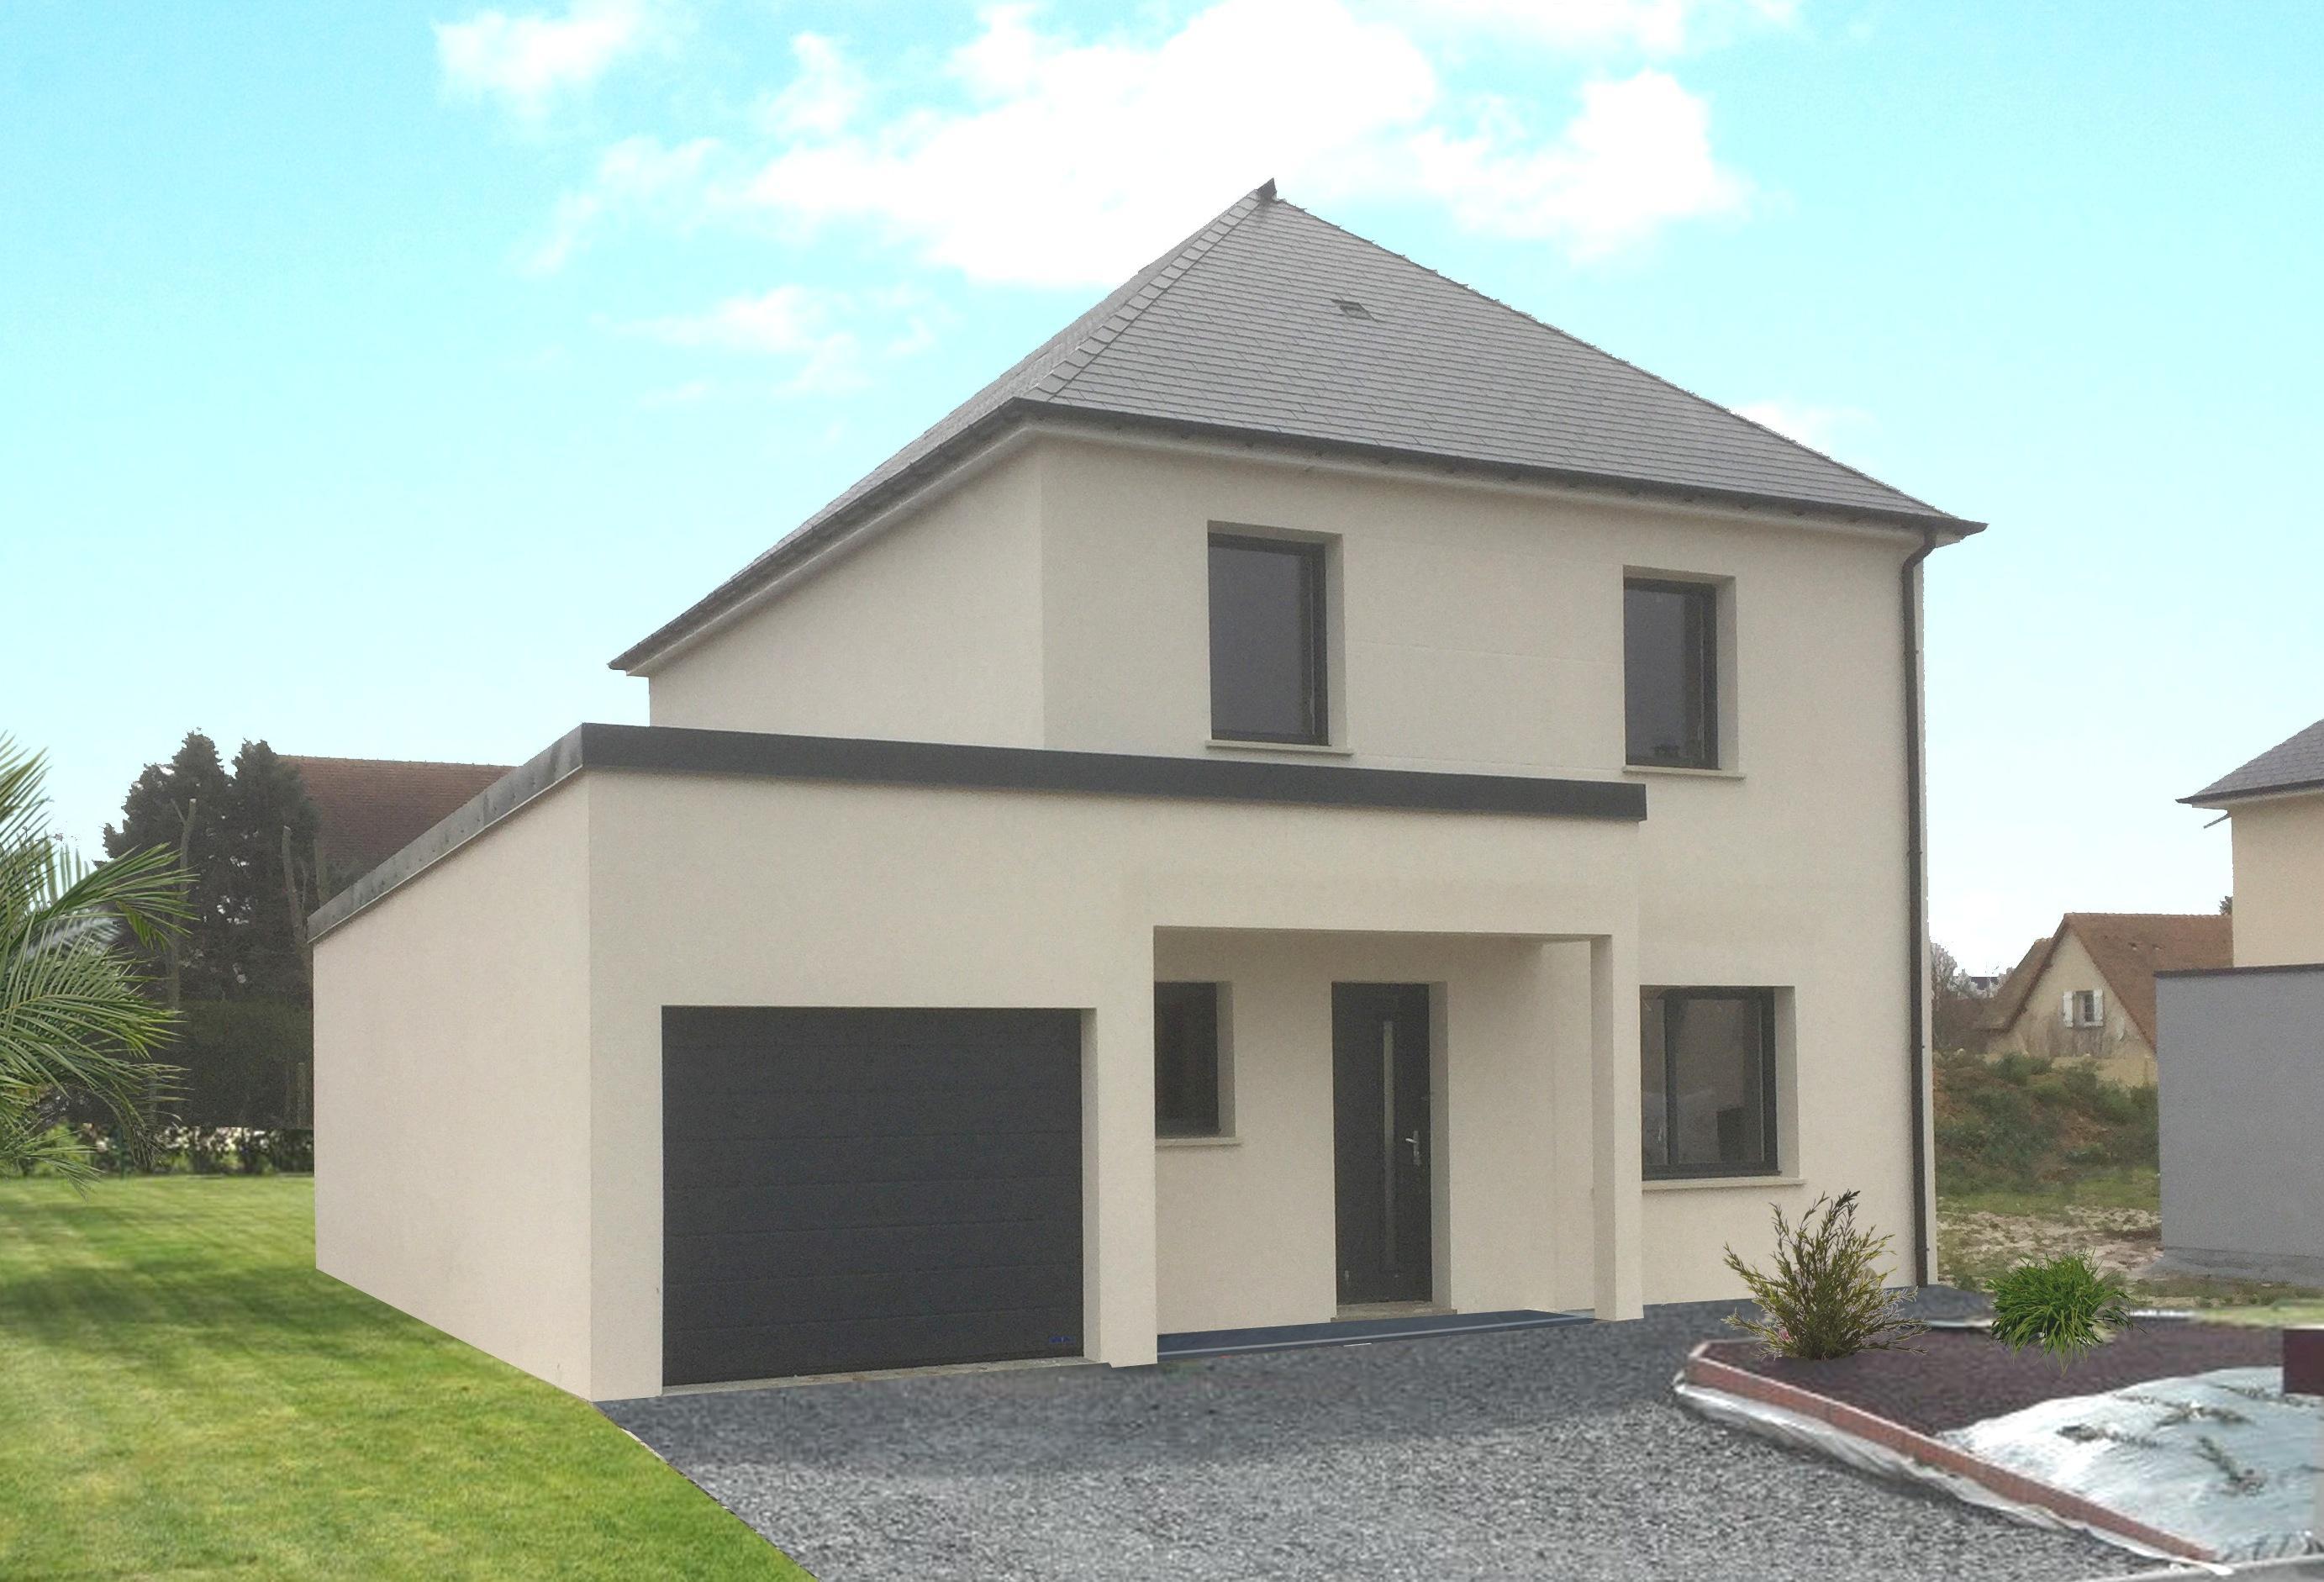 Maisons + Terrains du constructeur MAISON FAMILIALE HERBLAY • 103 m² • ERMONT